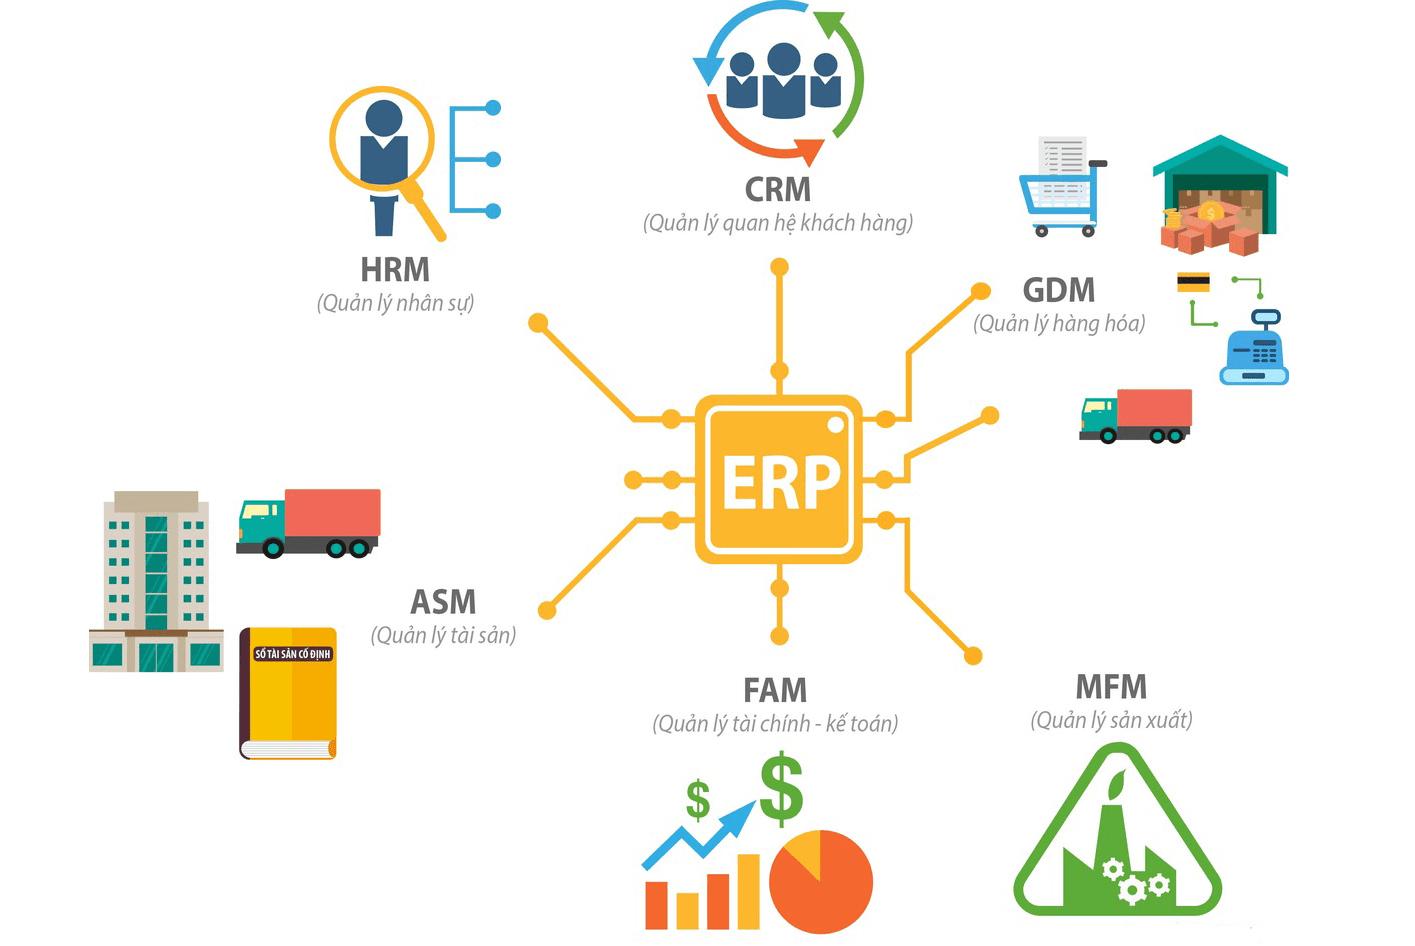 Aegona lập trình hệ thống quản lý doanh nghiệp - ERP